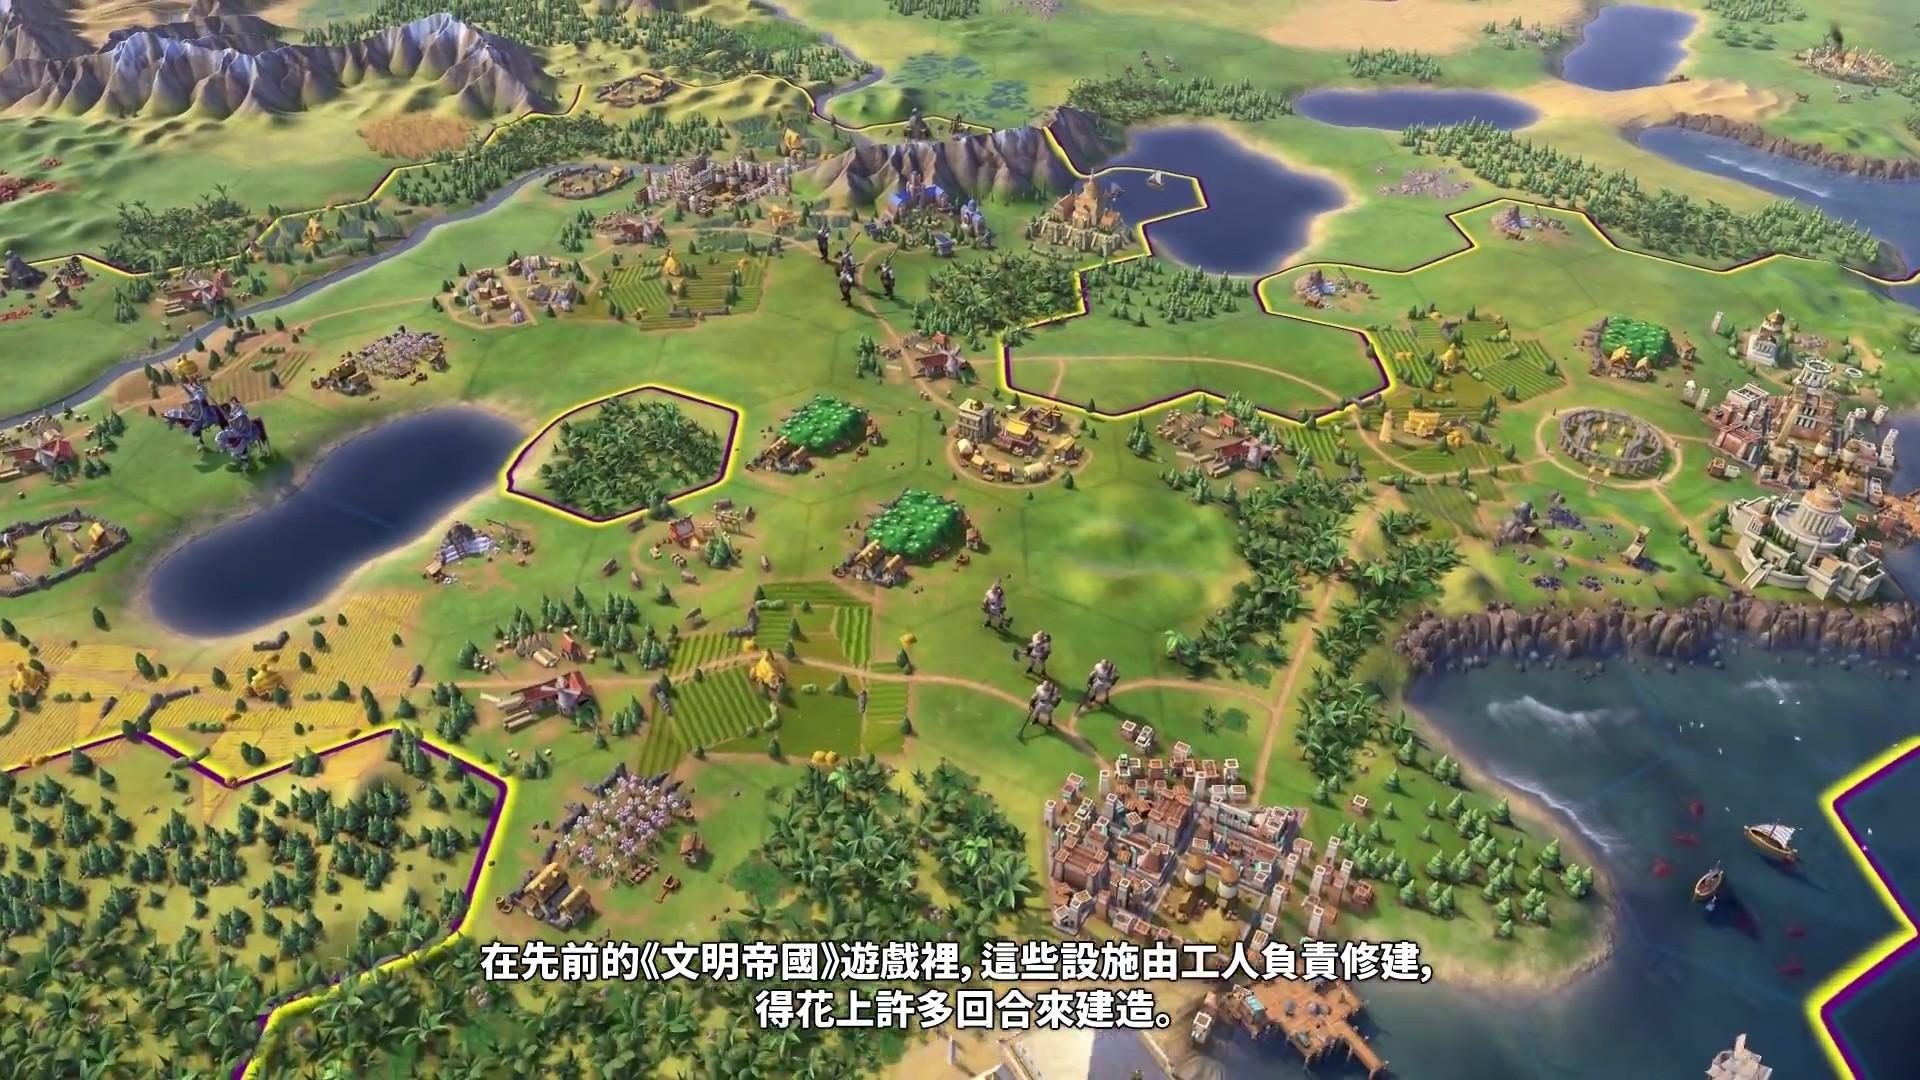 《文明6》建造者中文视频